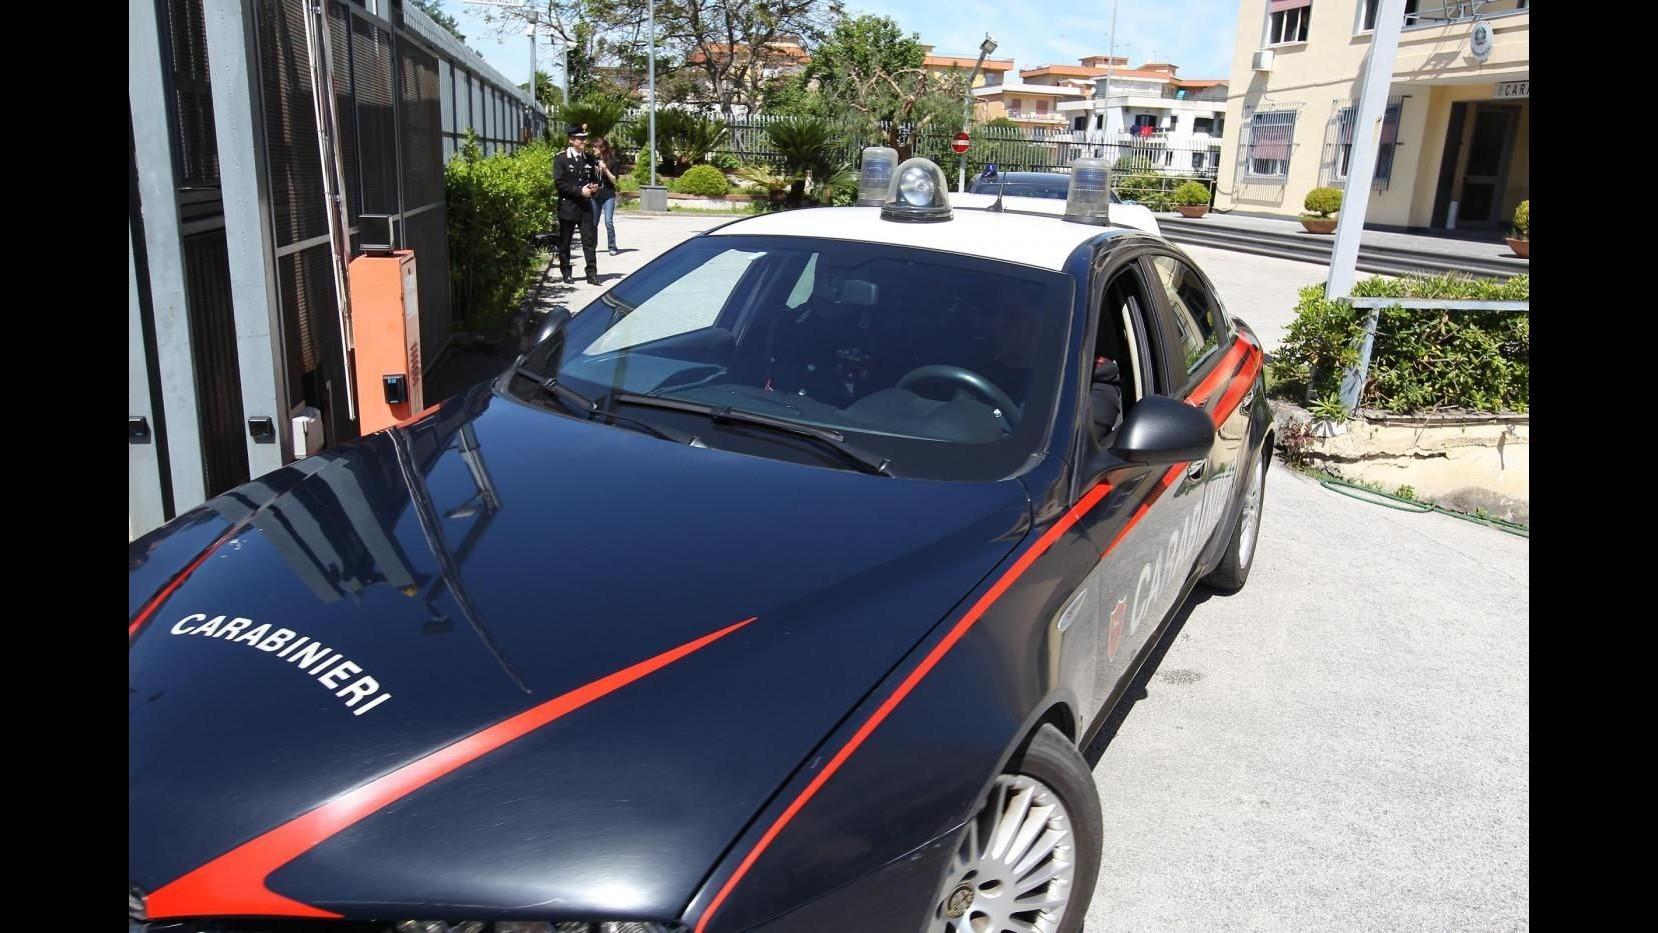 Mafia, confiscati beni per 10 milioni a imprenditore nel Palermitano